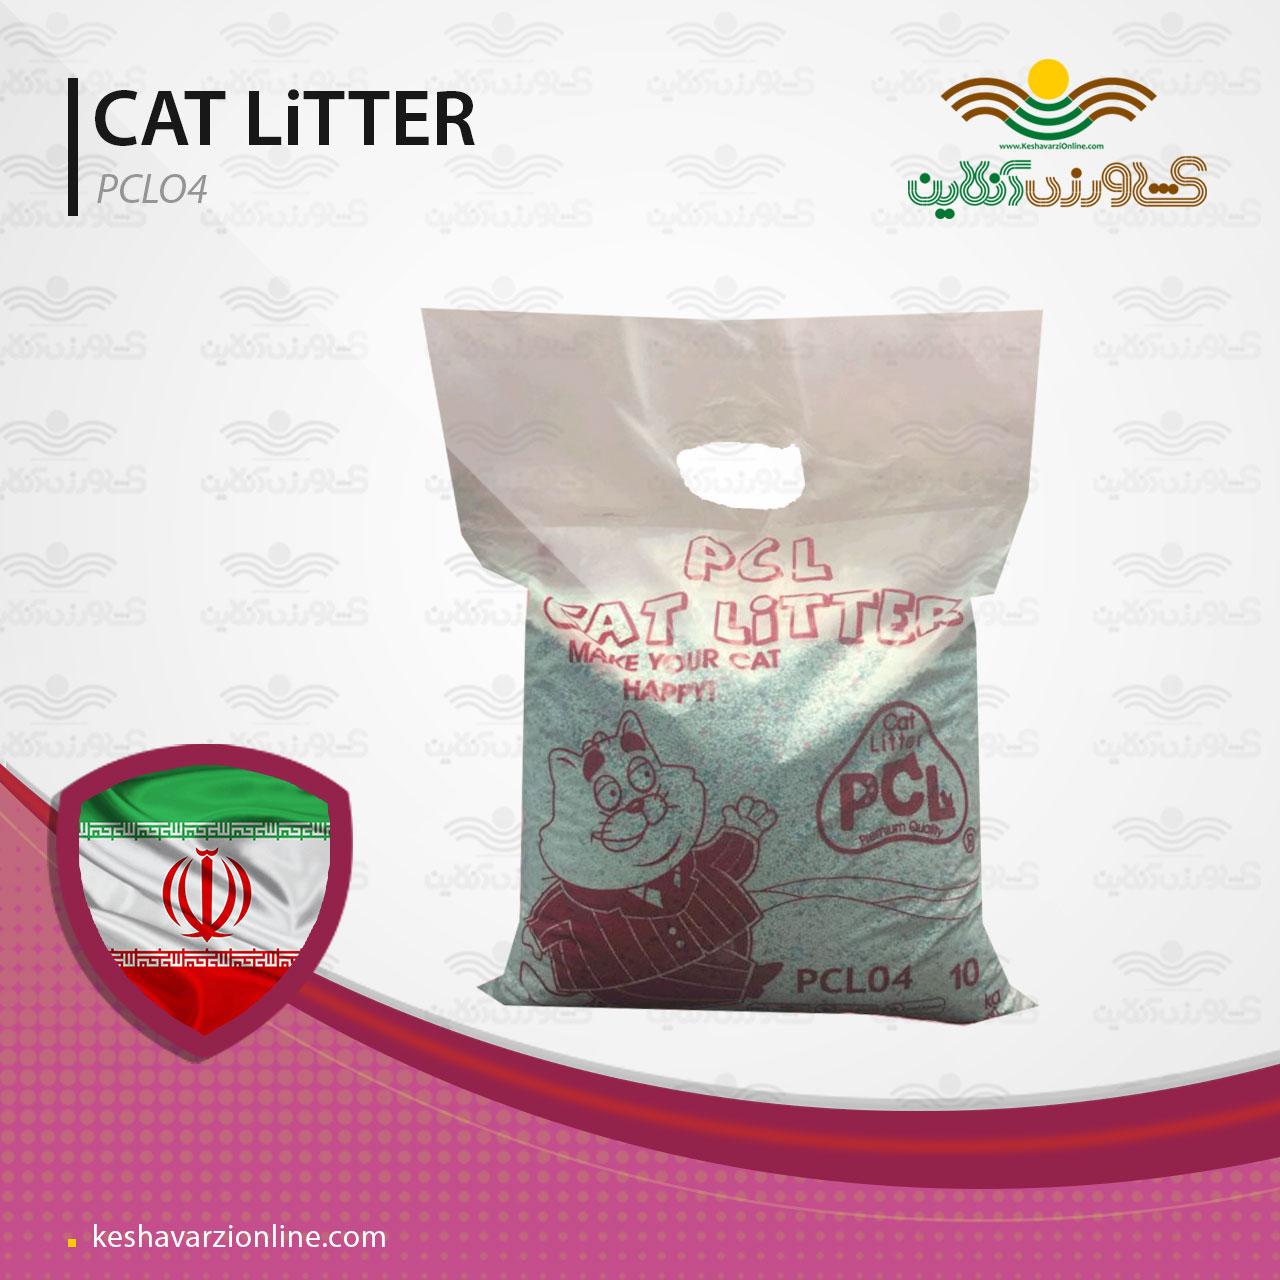 خاک بستر گربه با قدرت جذب آب ۶٠٠